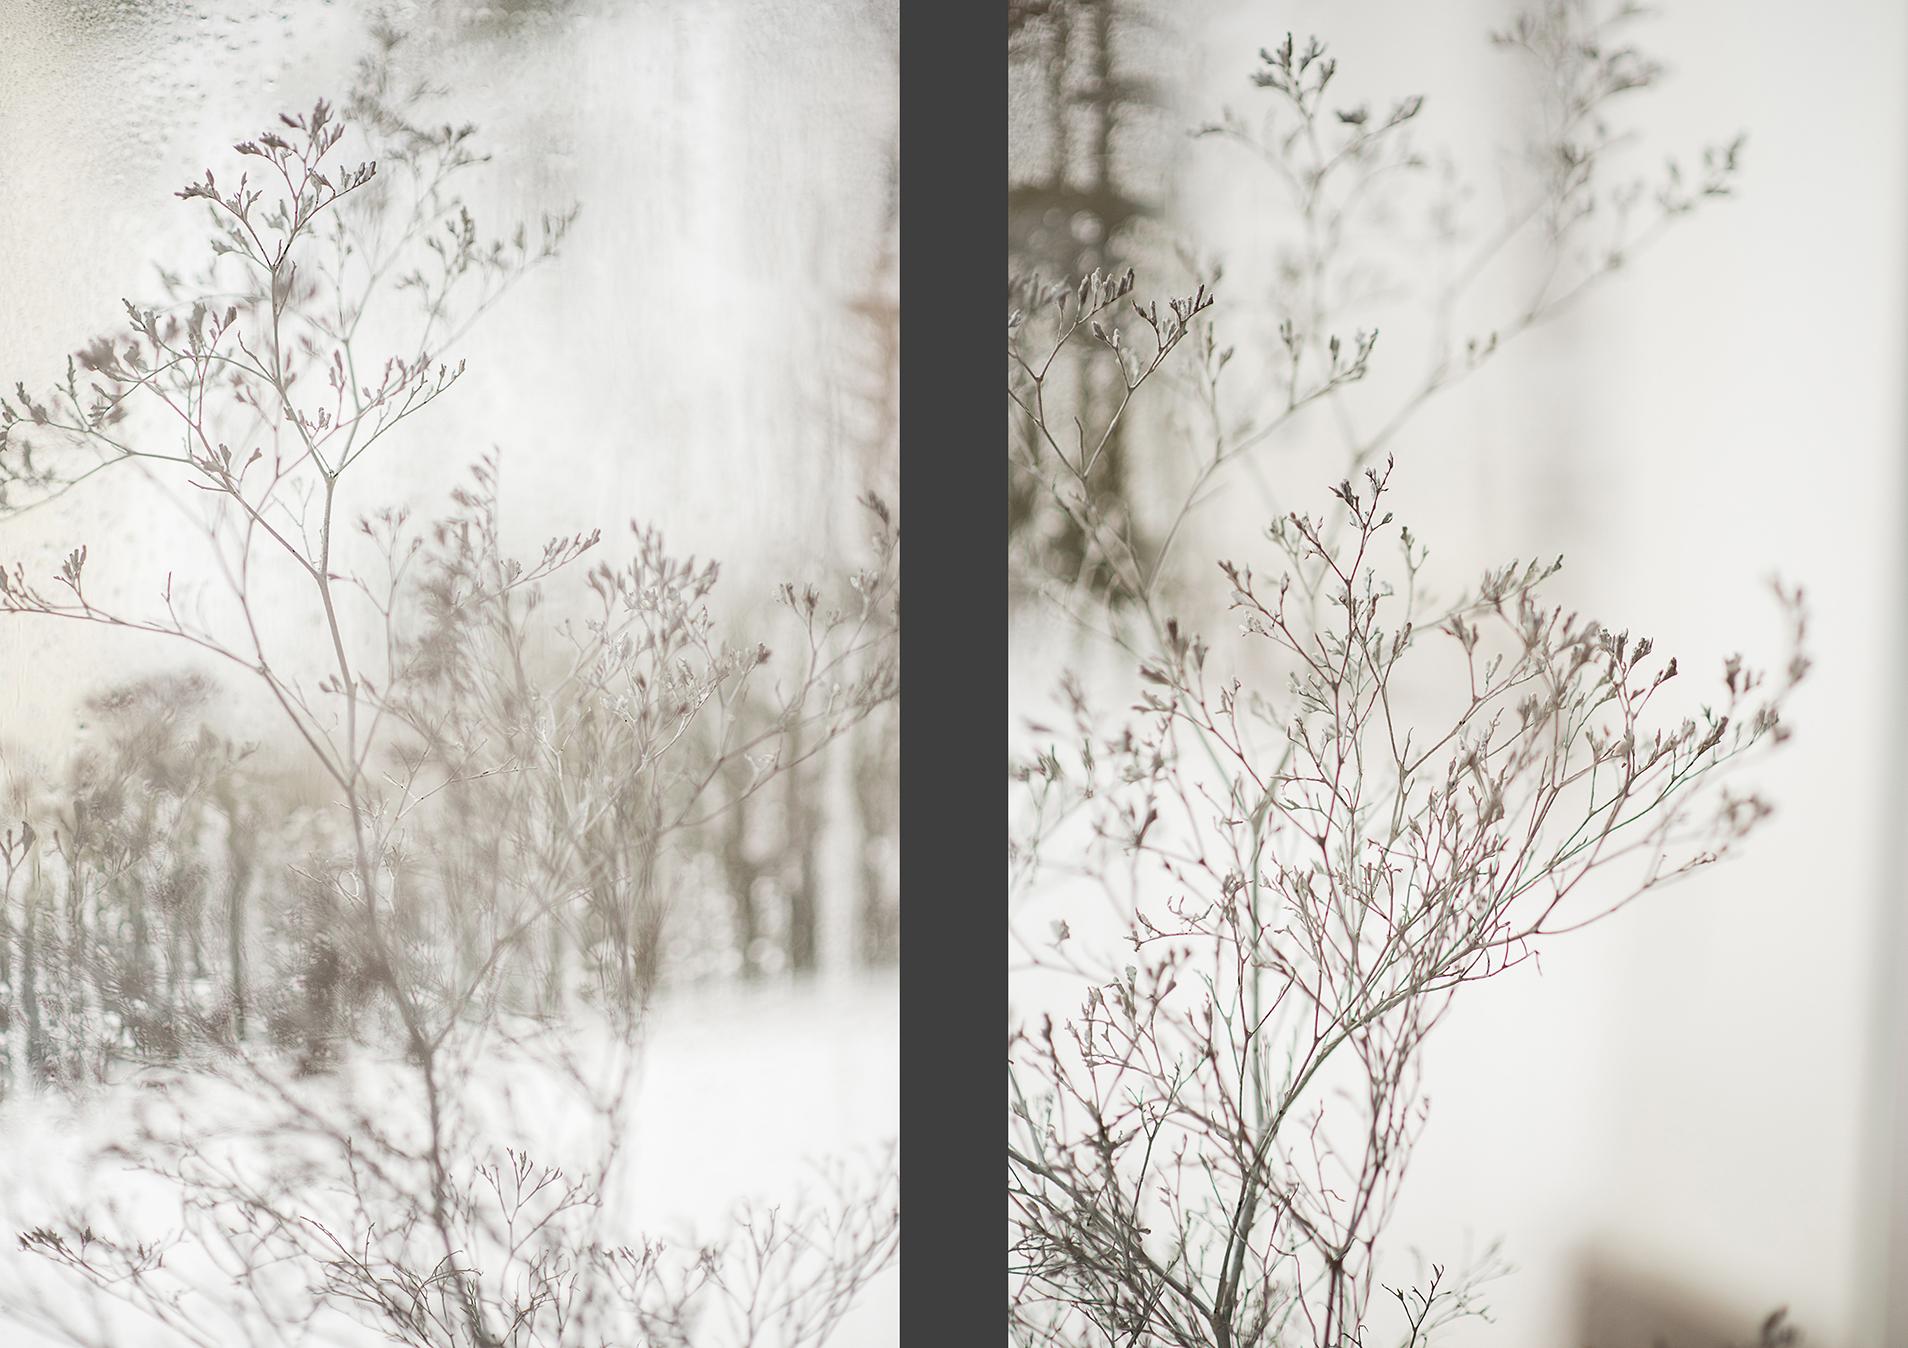 MILUNA-Ewa-Milun-Walczak-Piekne-Kwiaty-Zimowy-Zima-makro-suchotka-bialy-1